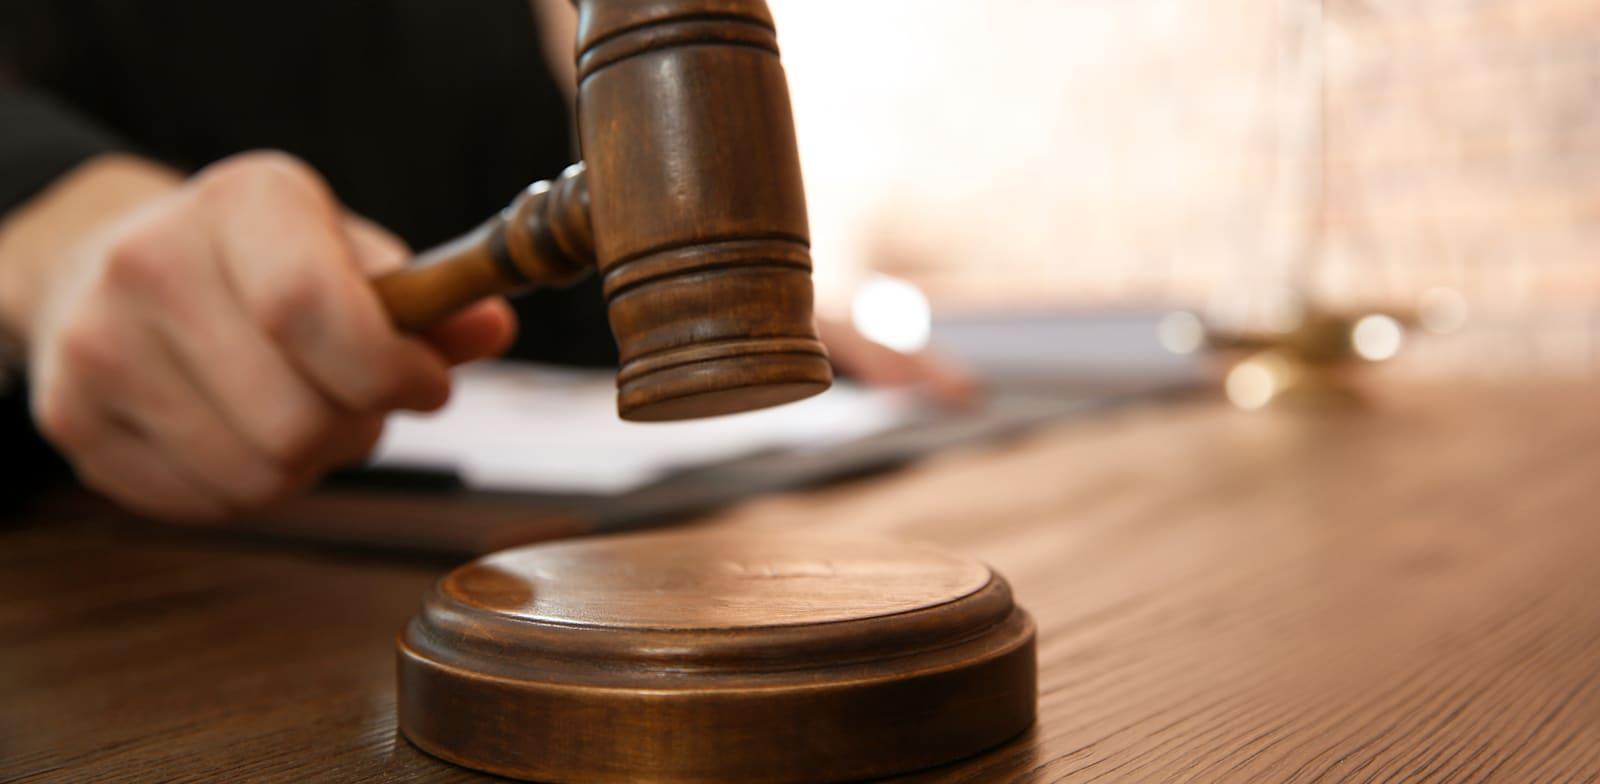 בית המשפט שדן בתביעת היתומים קבע כי הצדק עימם / צילום: Shutterstock, New Africa